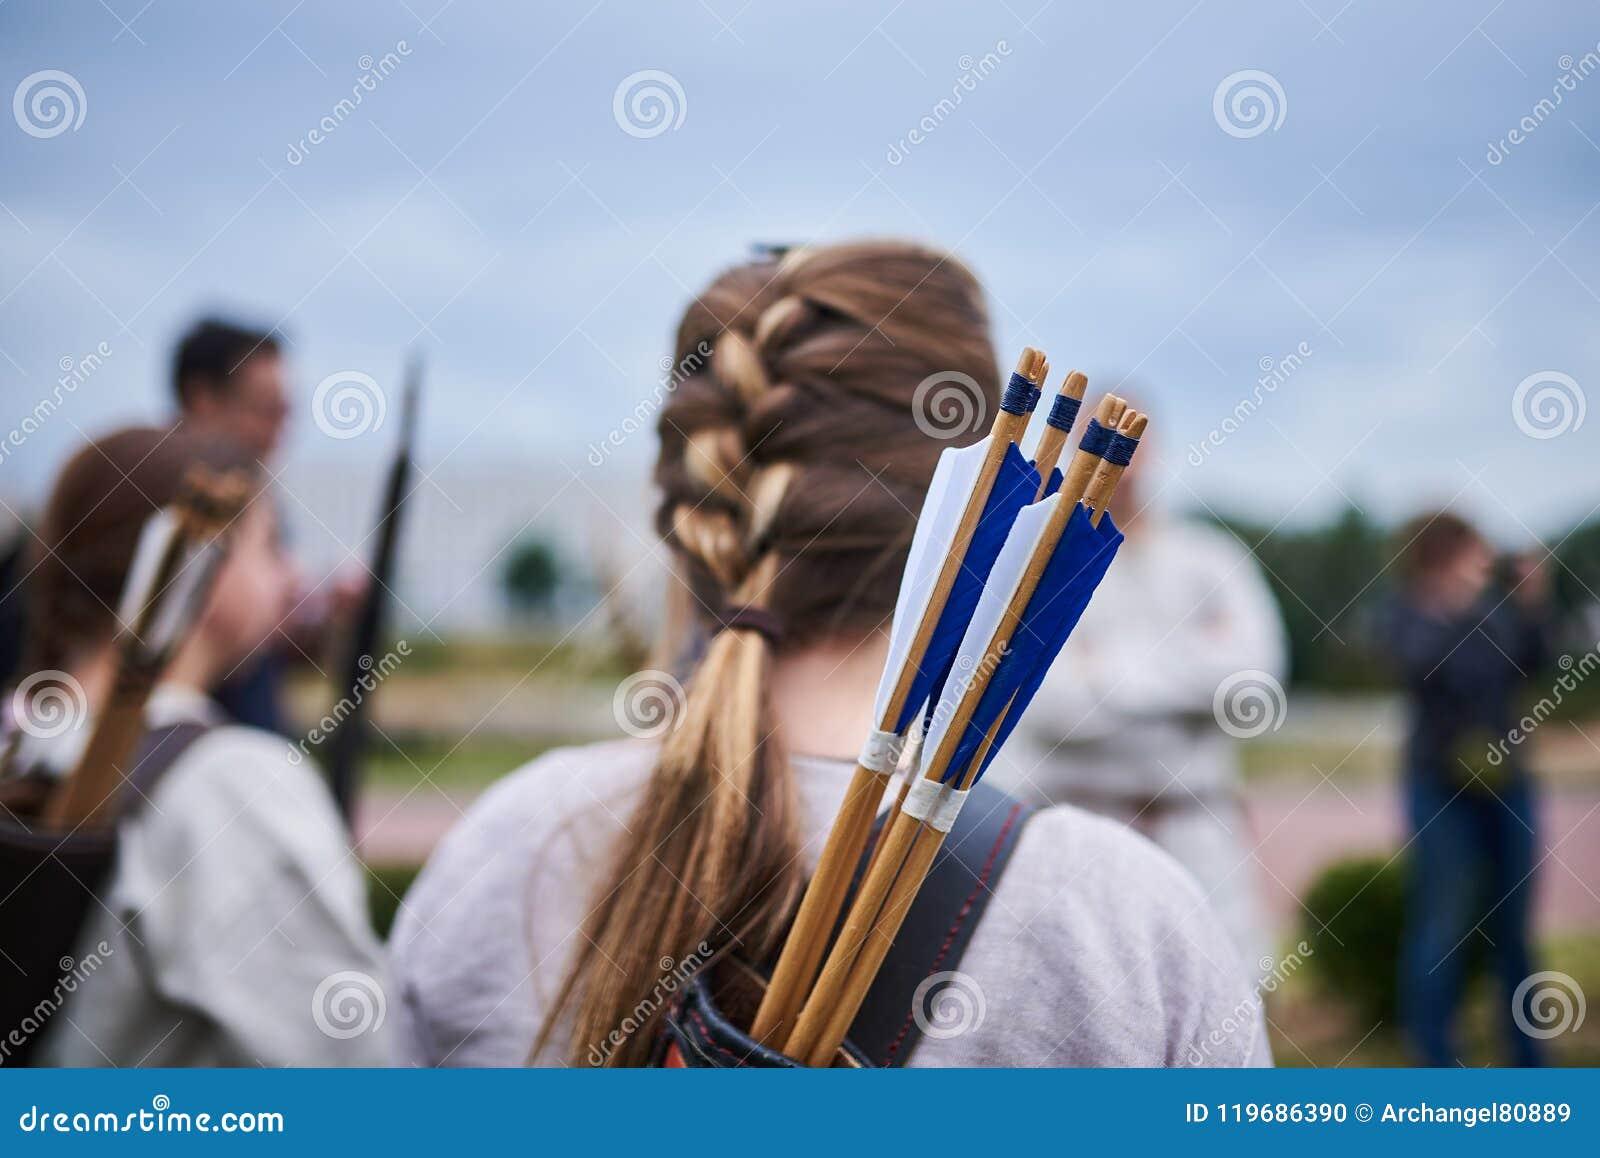 Mädchen Archer von der Rückseite